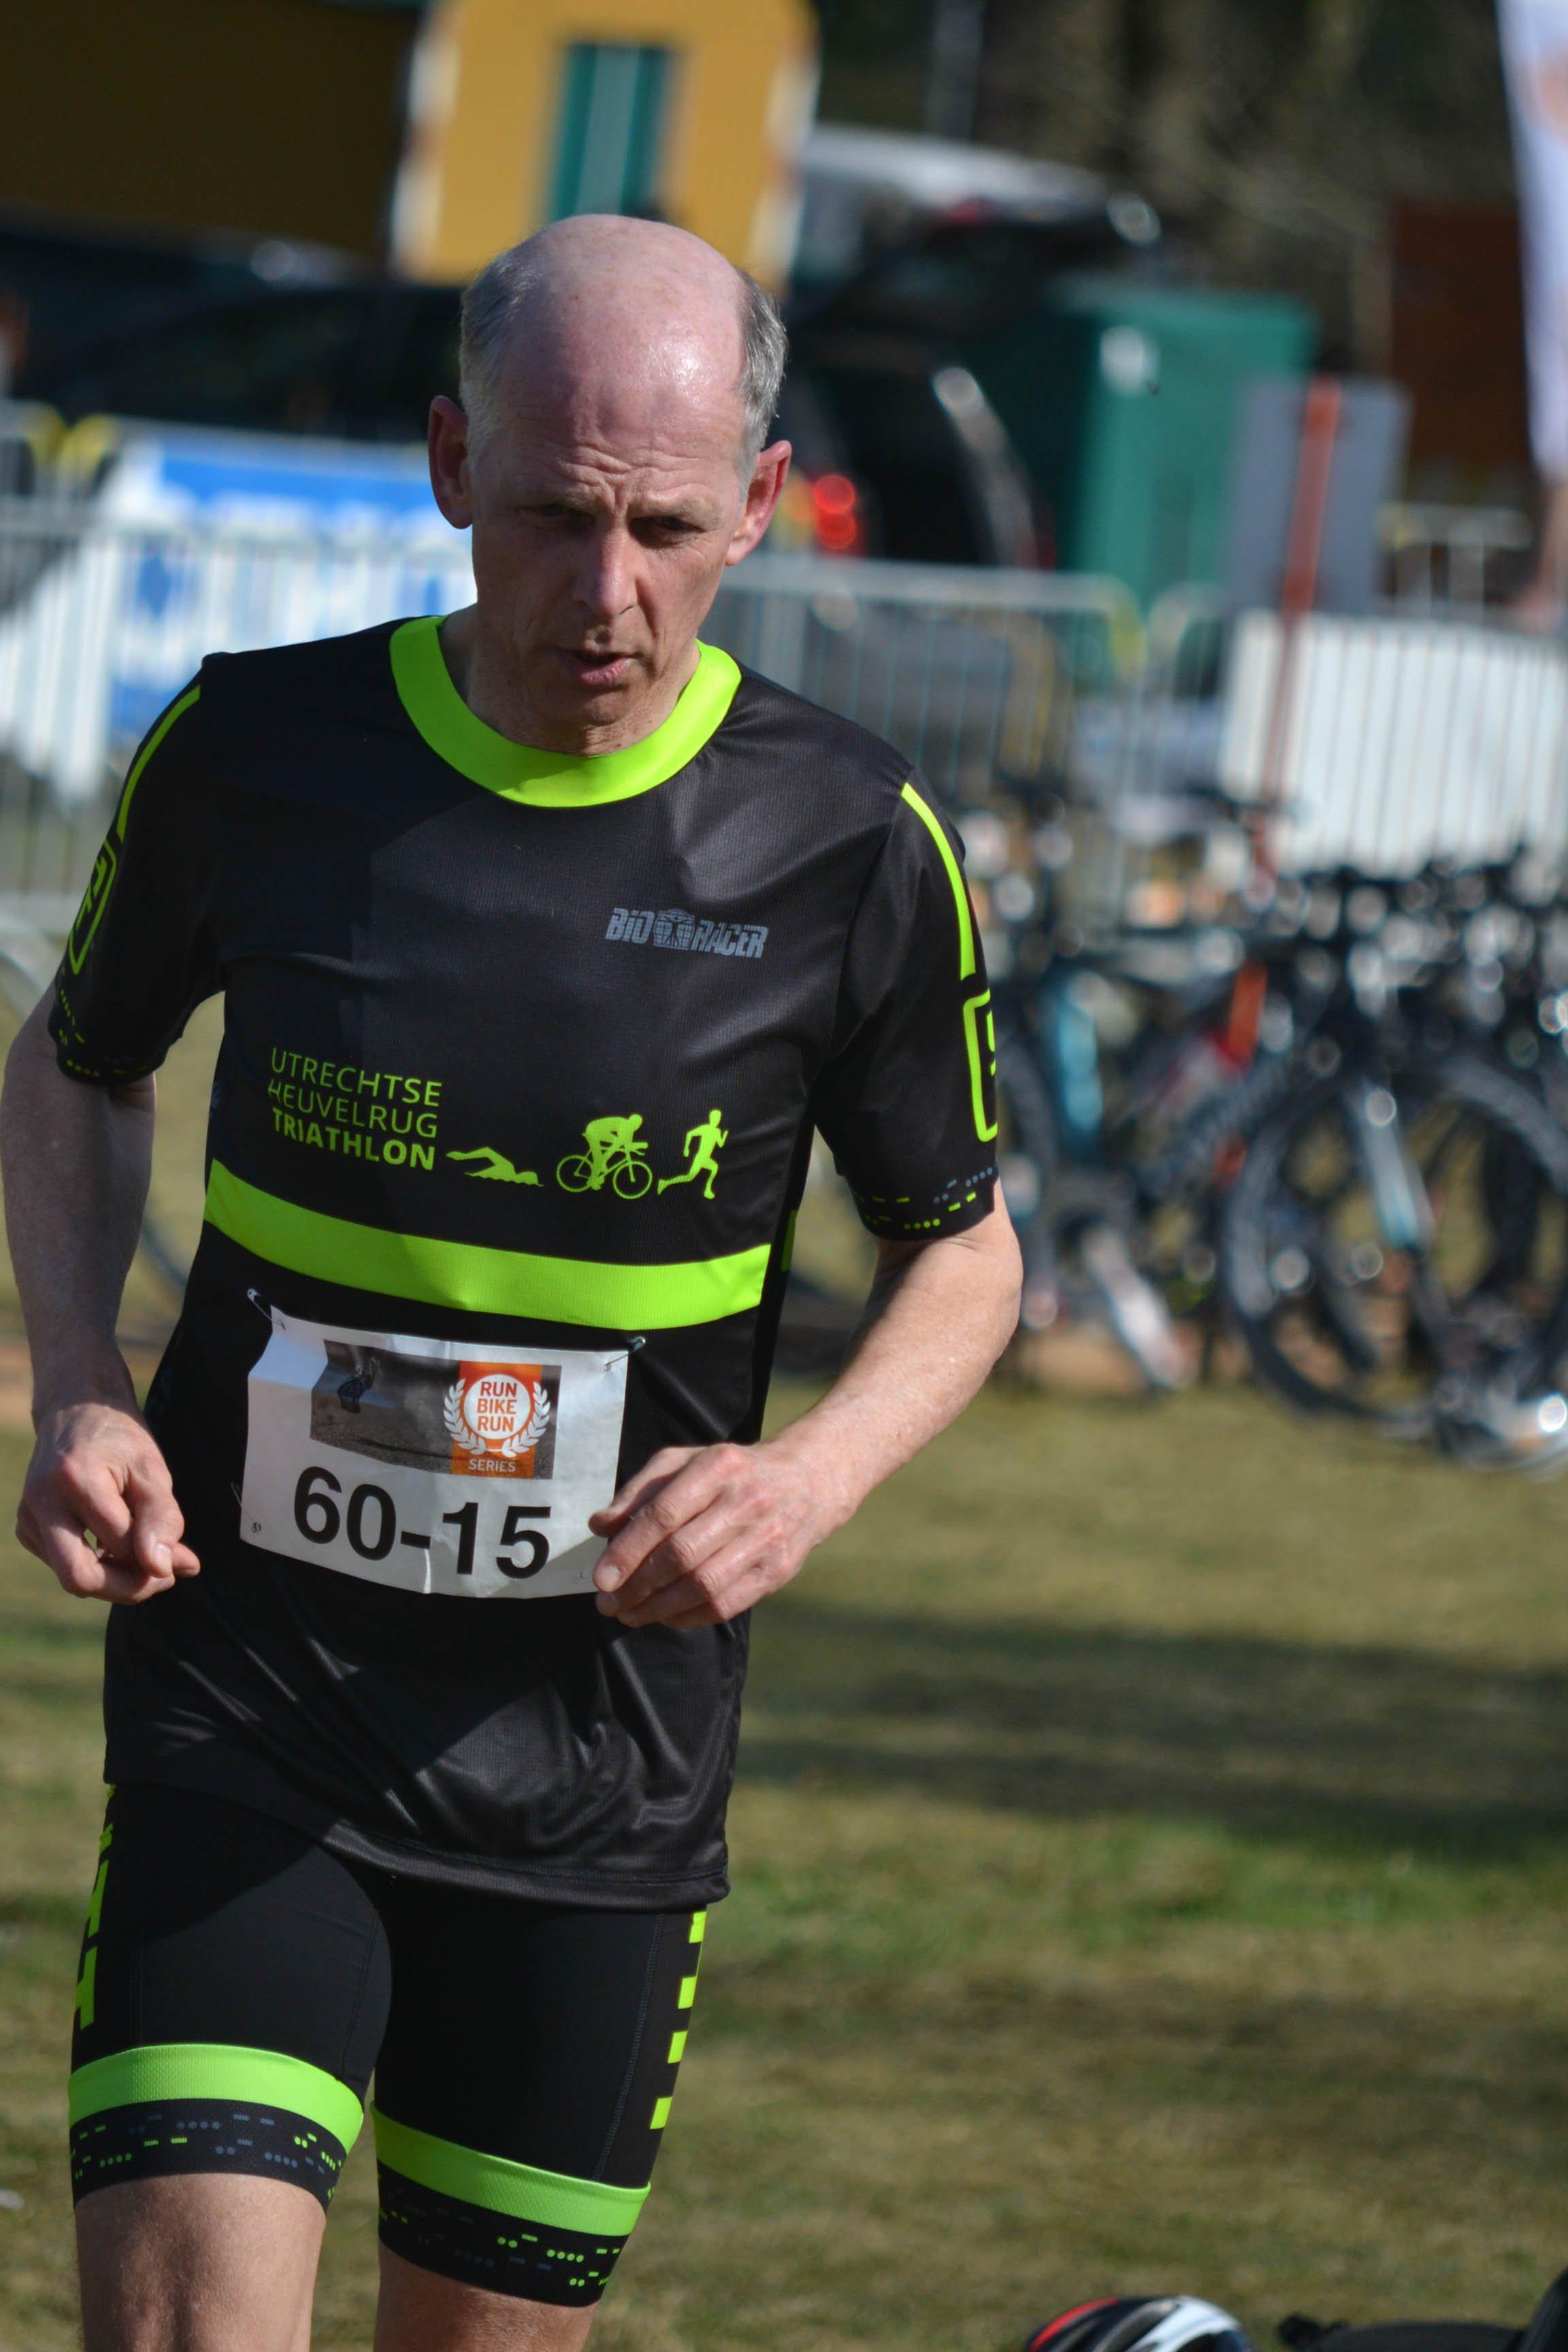 competitie - UHTT Run Bike Run Team Geel Erick - UHTT Run Bike Run Team verrassend 11e in Challenge Duathlon Geel - raceverslag, Nederland, Hardlopen, Fietsen, competitie, 2018